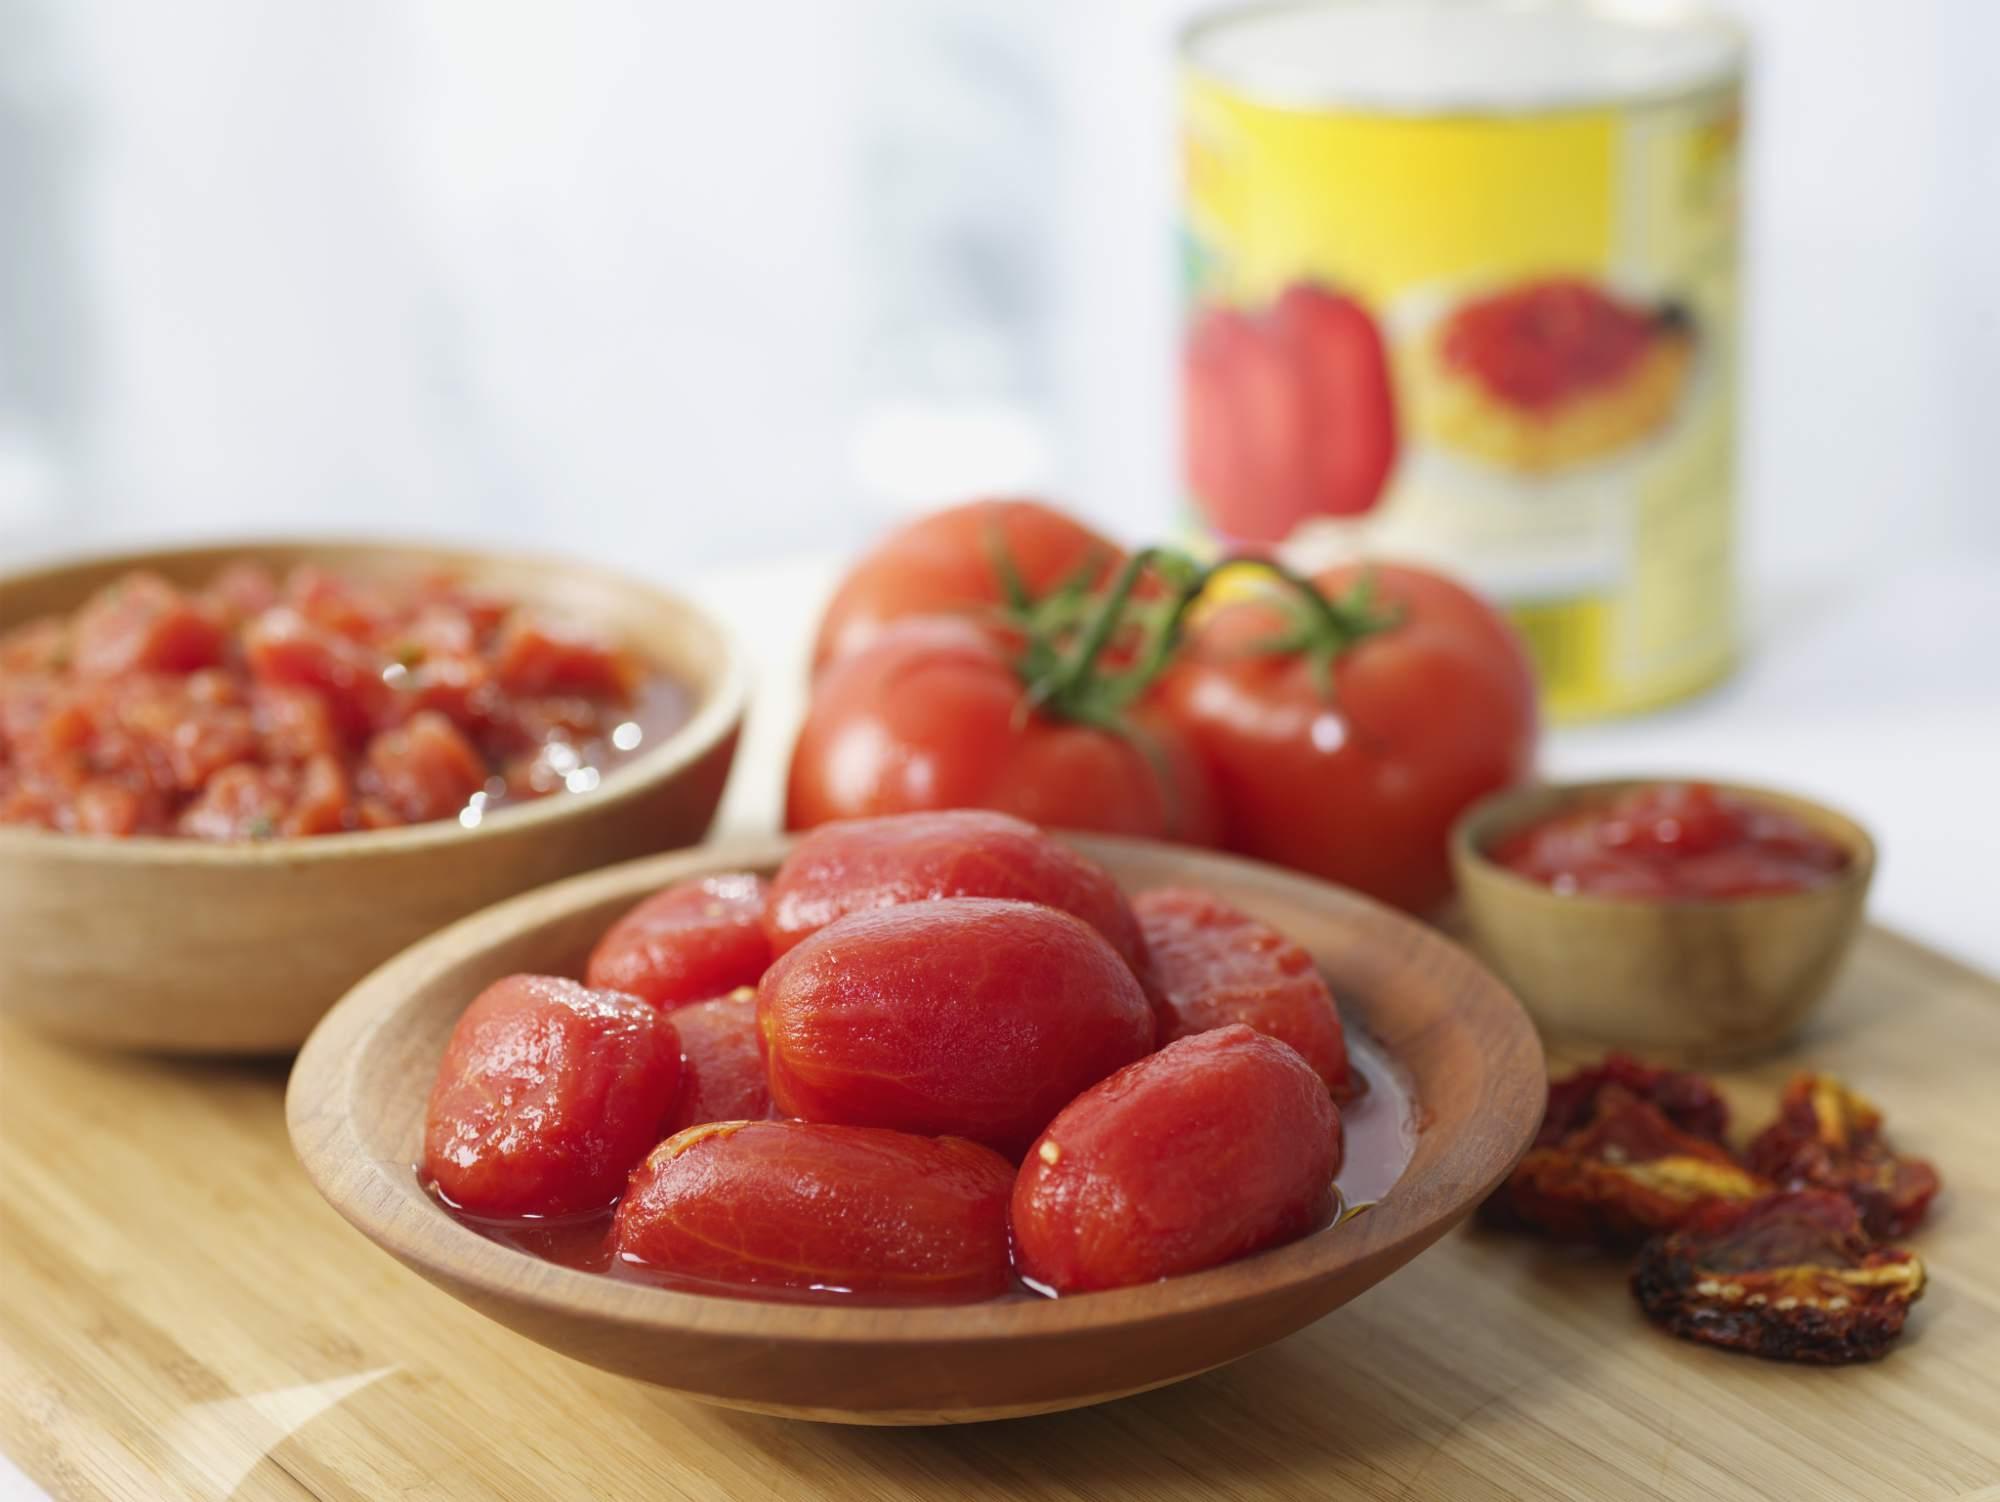 Los tomates guisados son ricos en calcio.